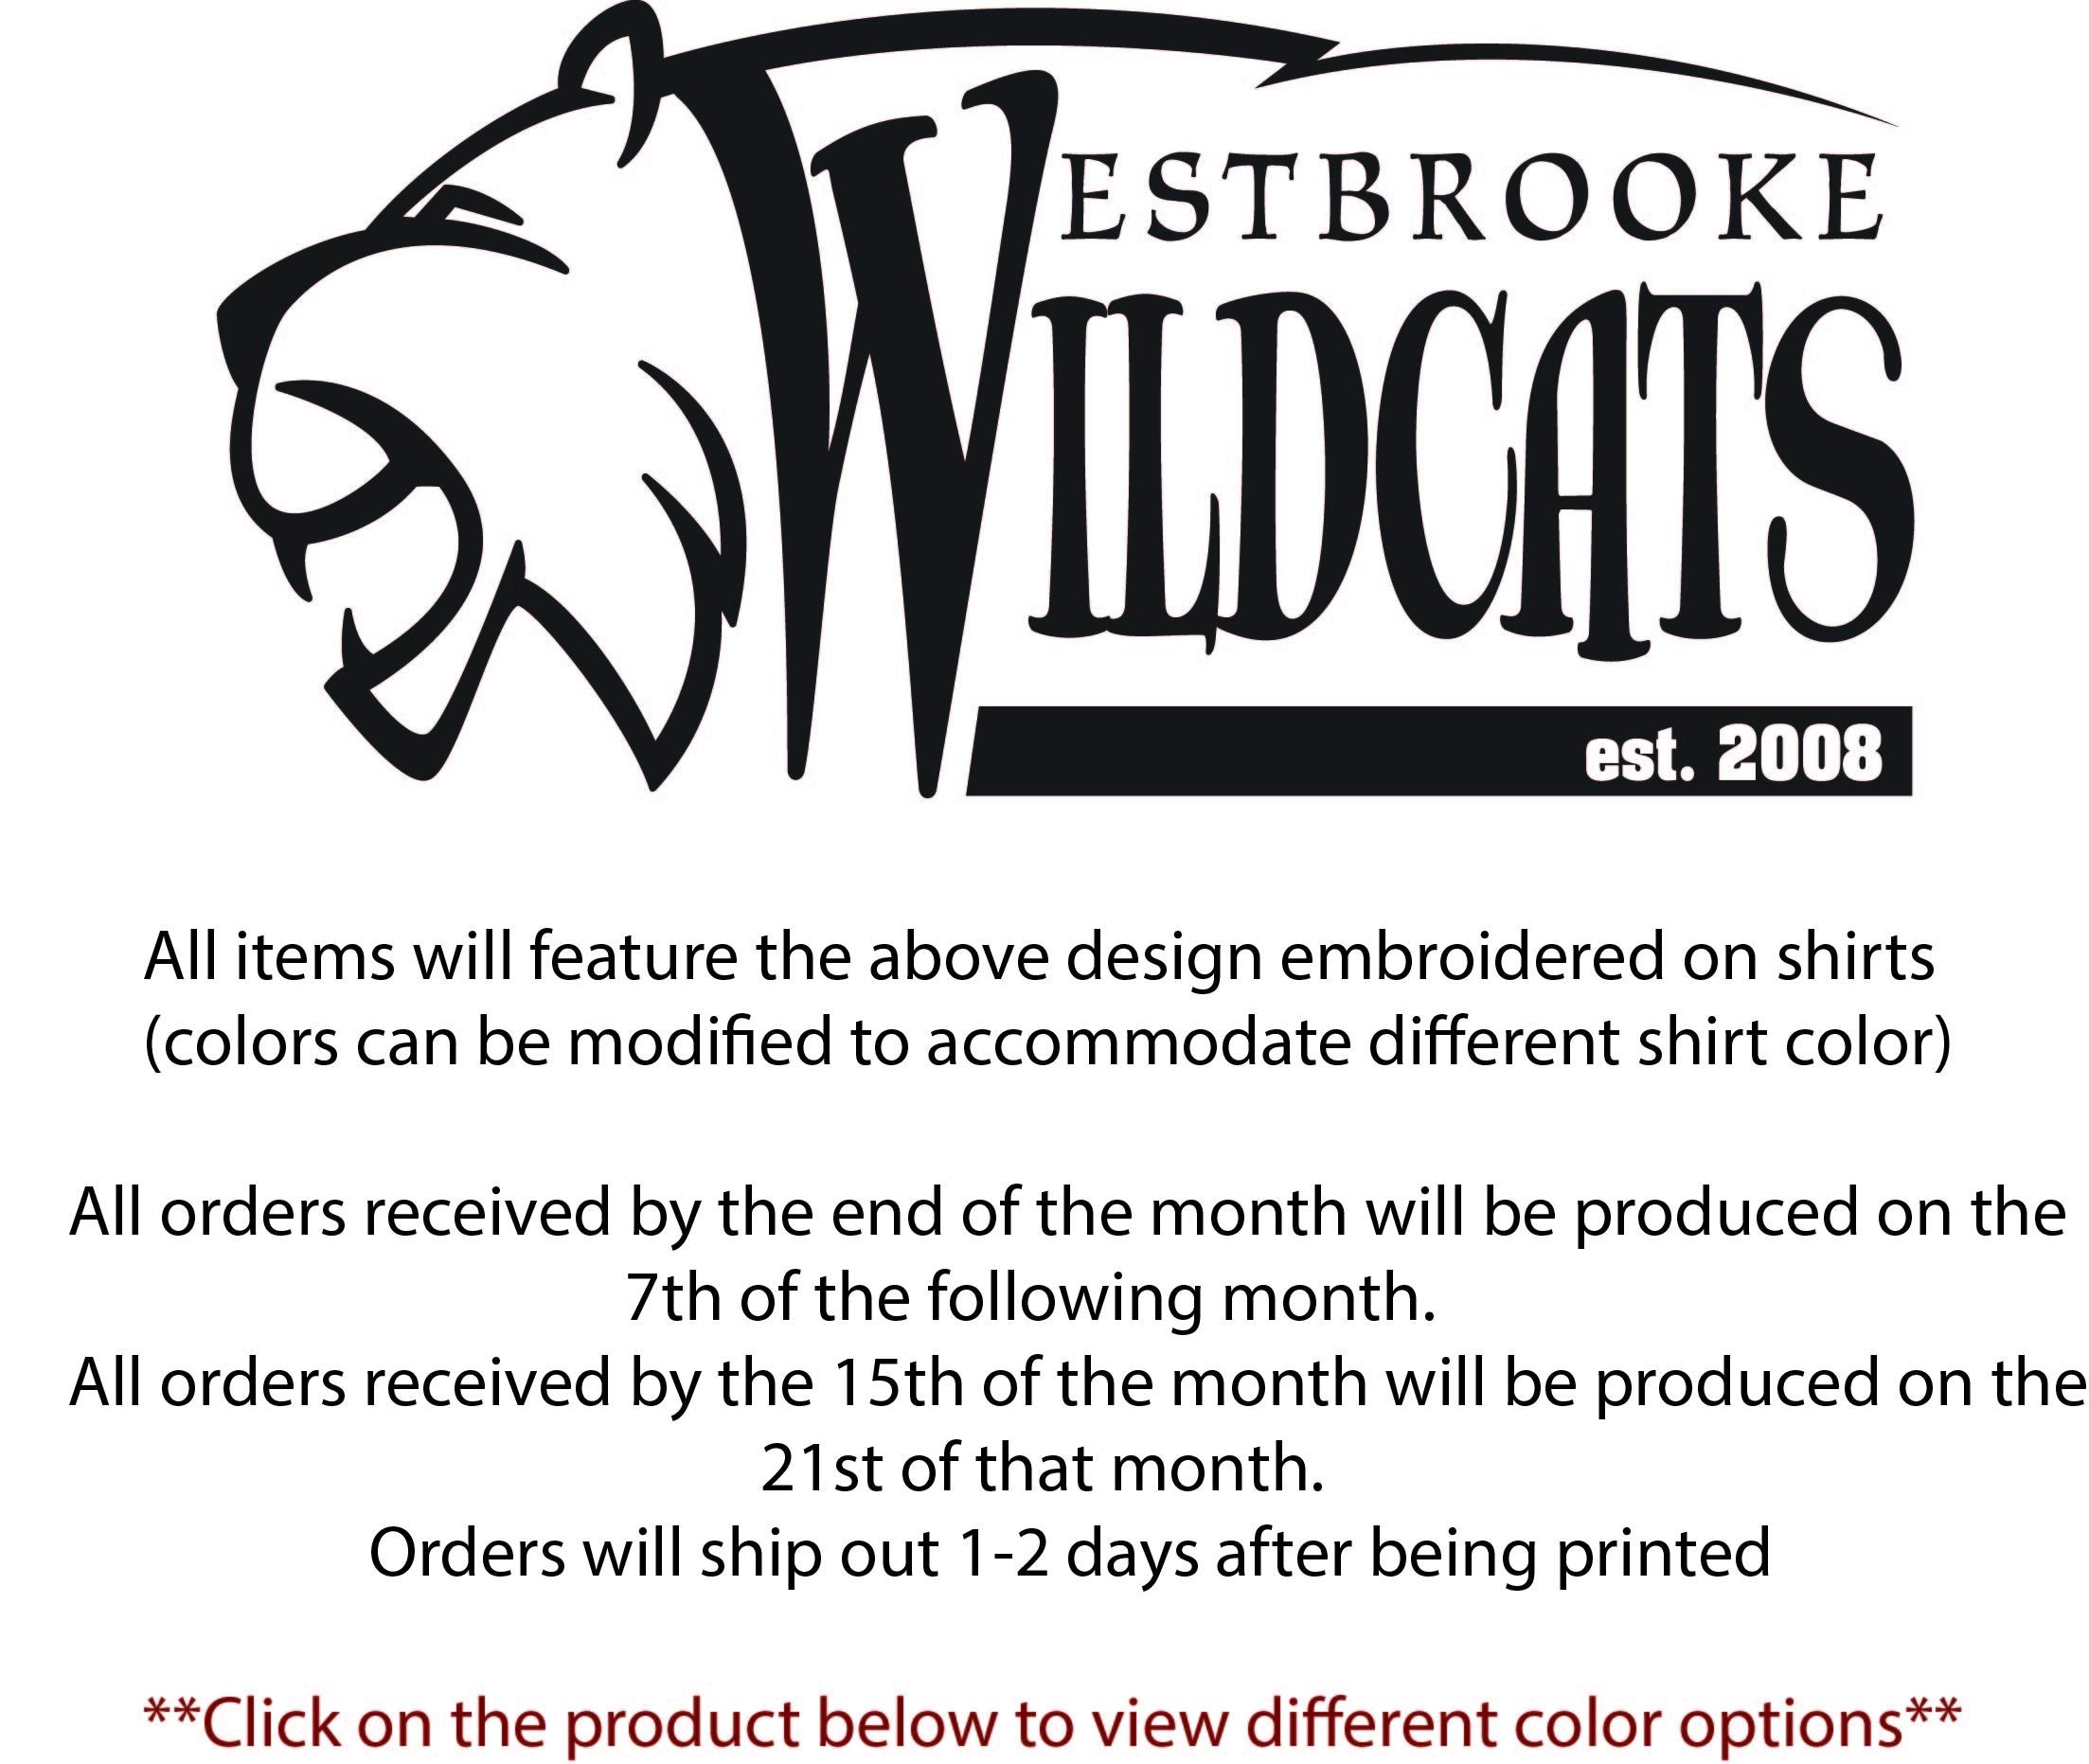 westbrooke-web-site-header.jpg